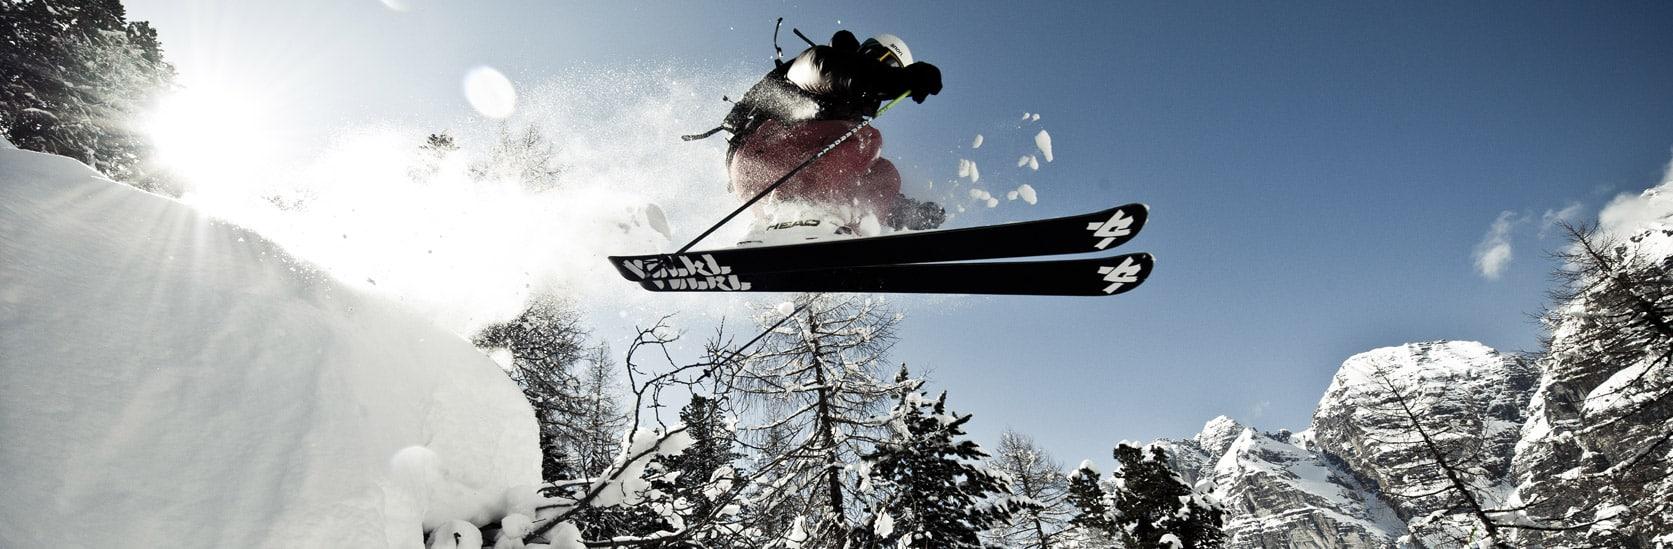 skigebiet-schlick2000-freeride